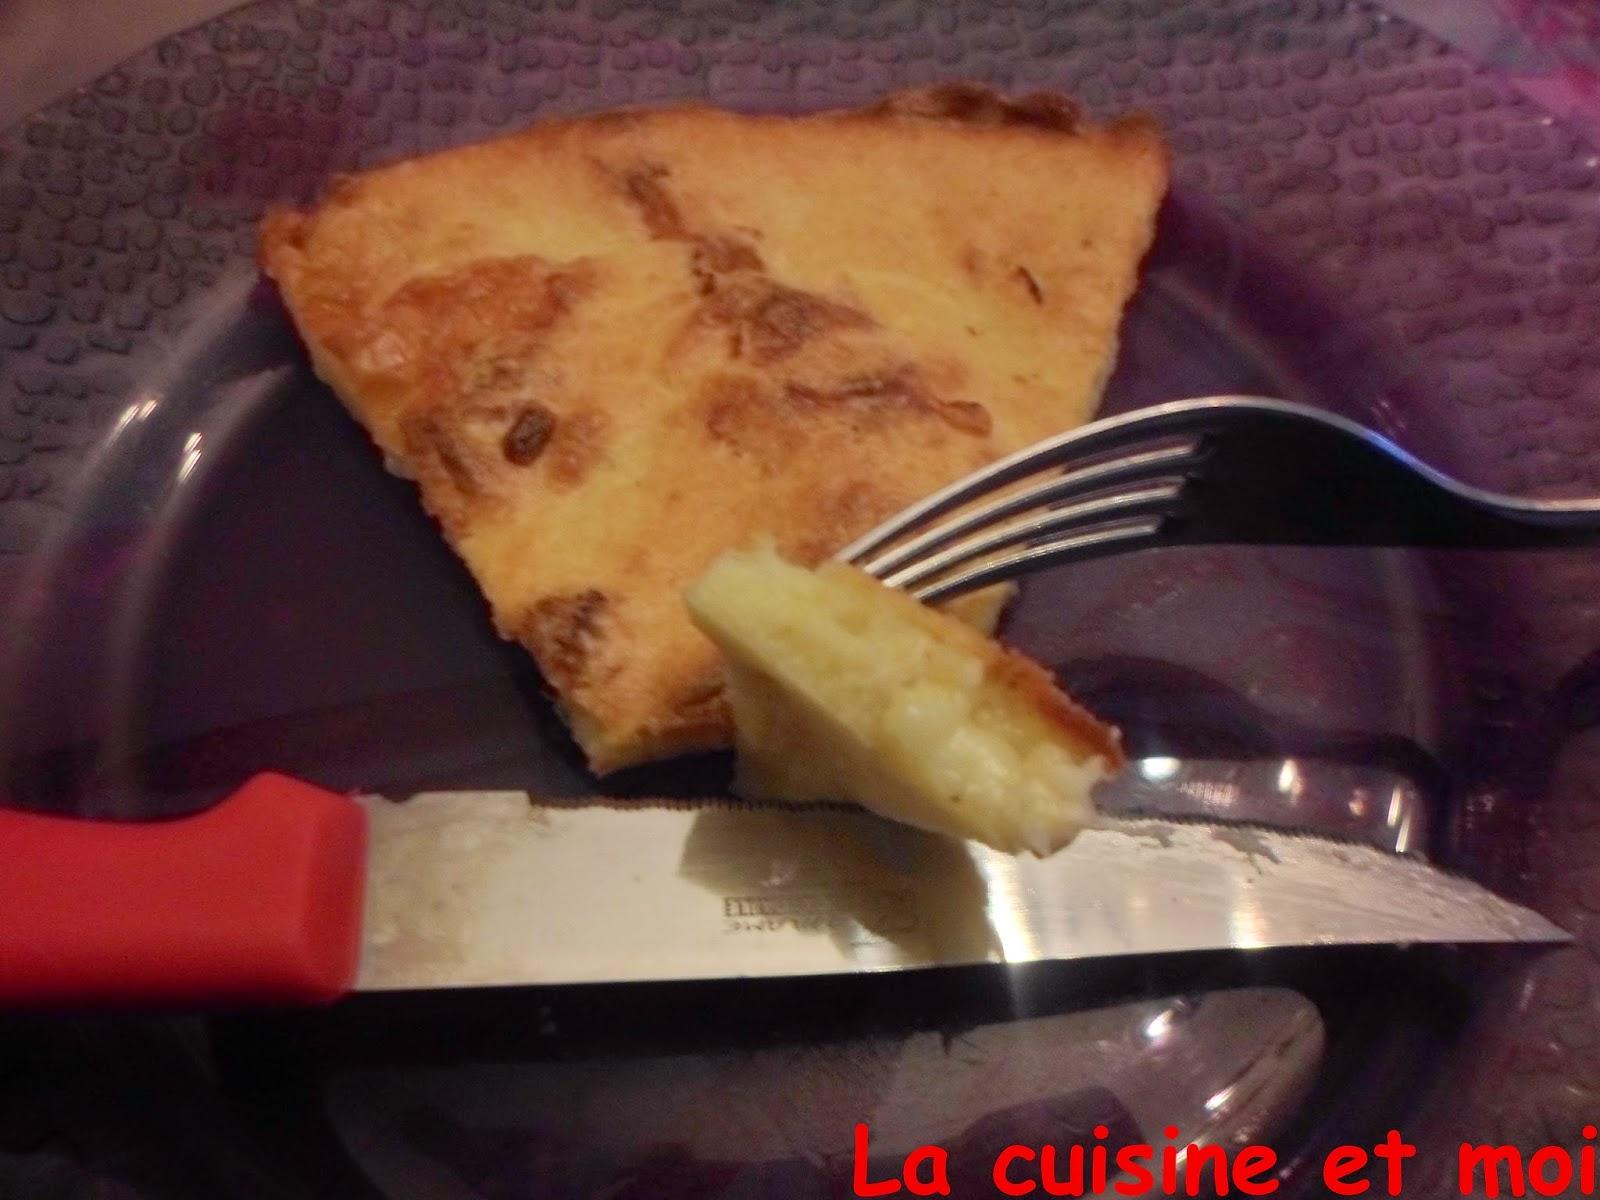 http://la-cuisine-et-moi.blogspot.fr/2014/05/galette-au-camembert.html